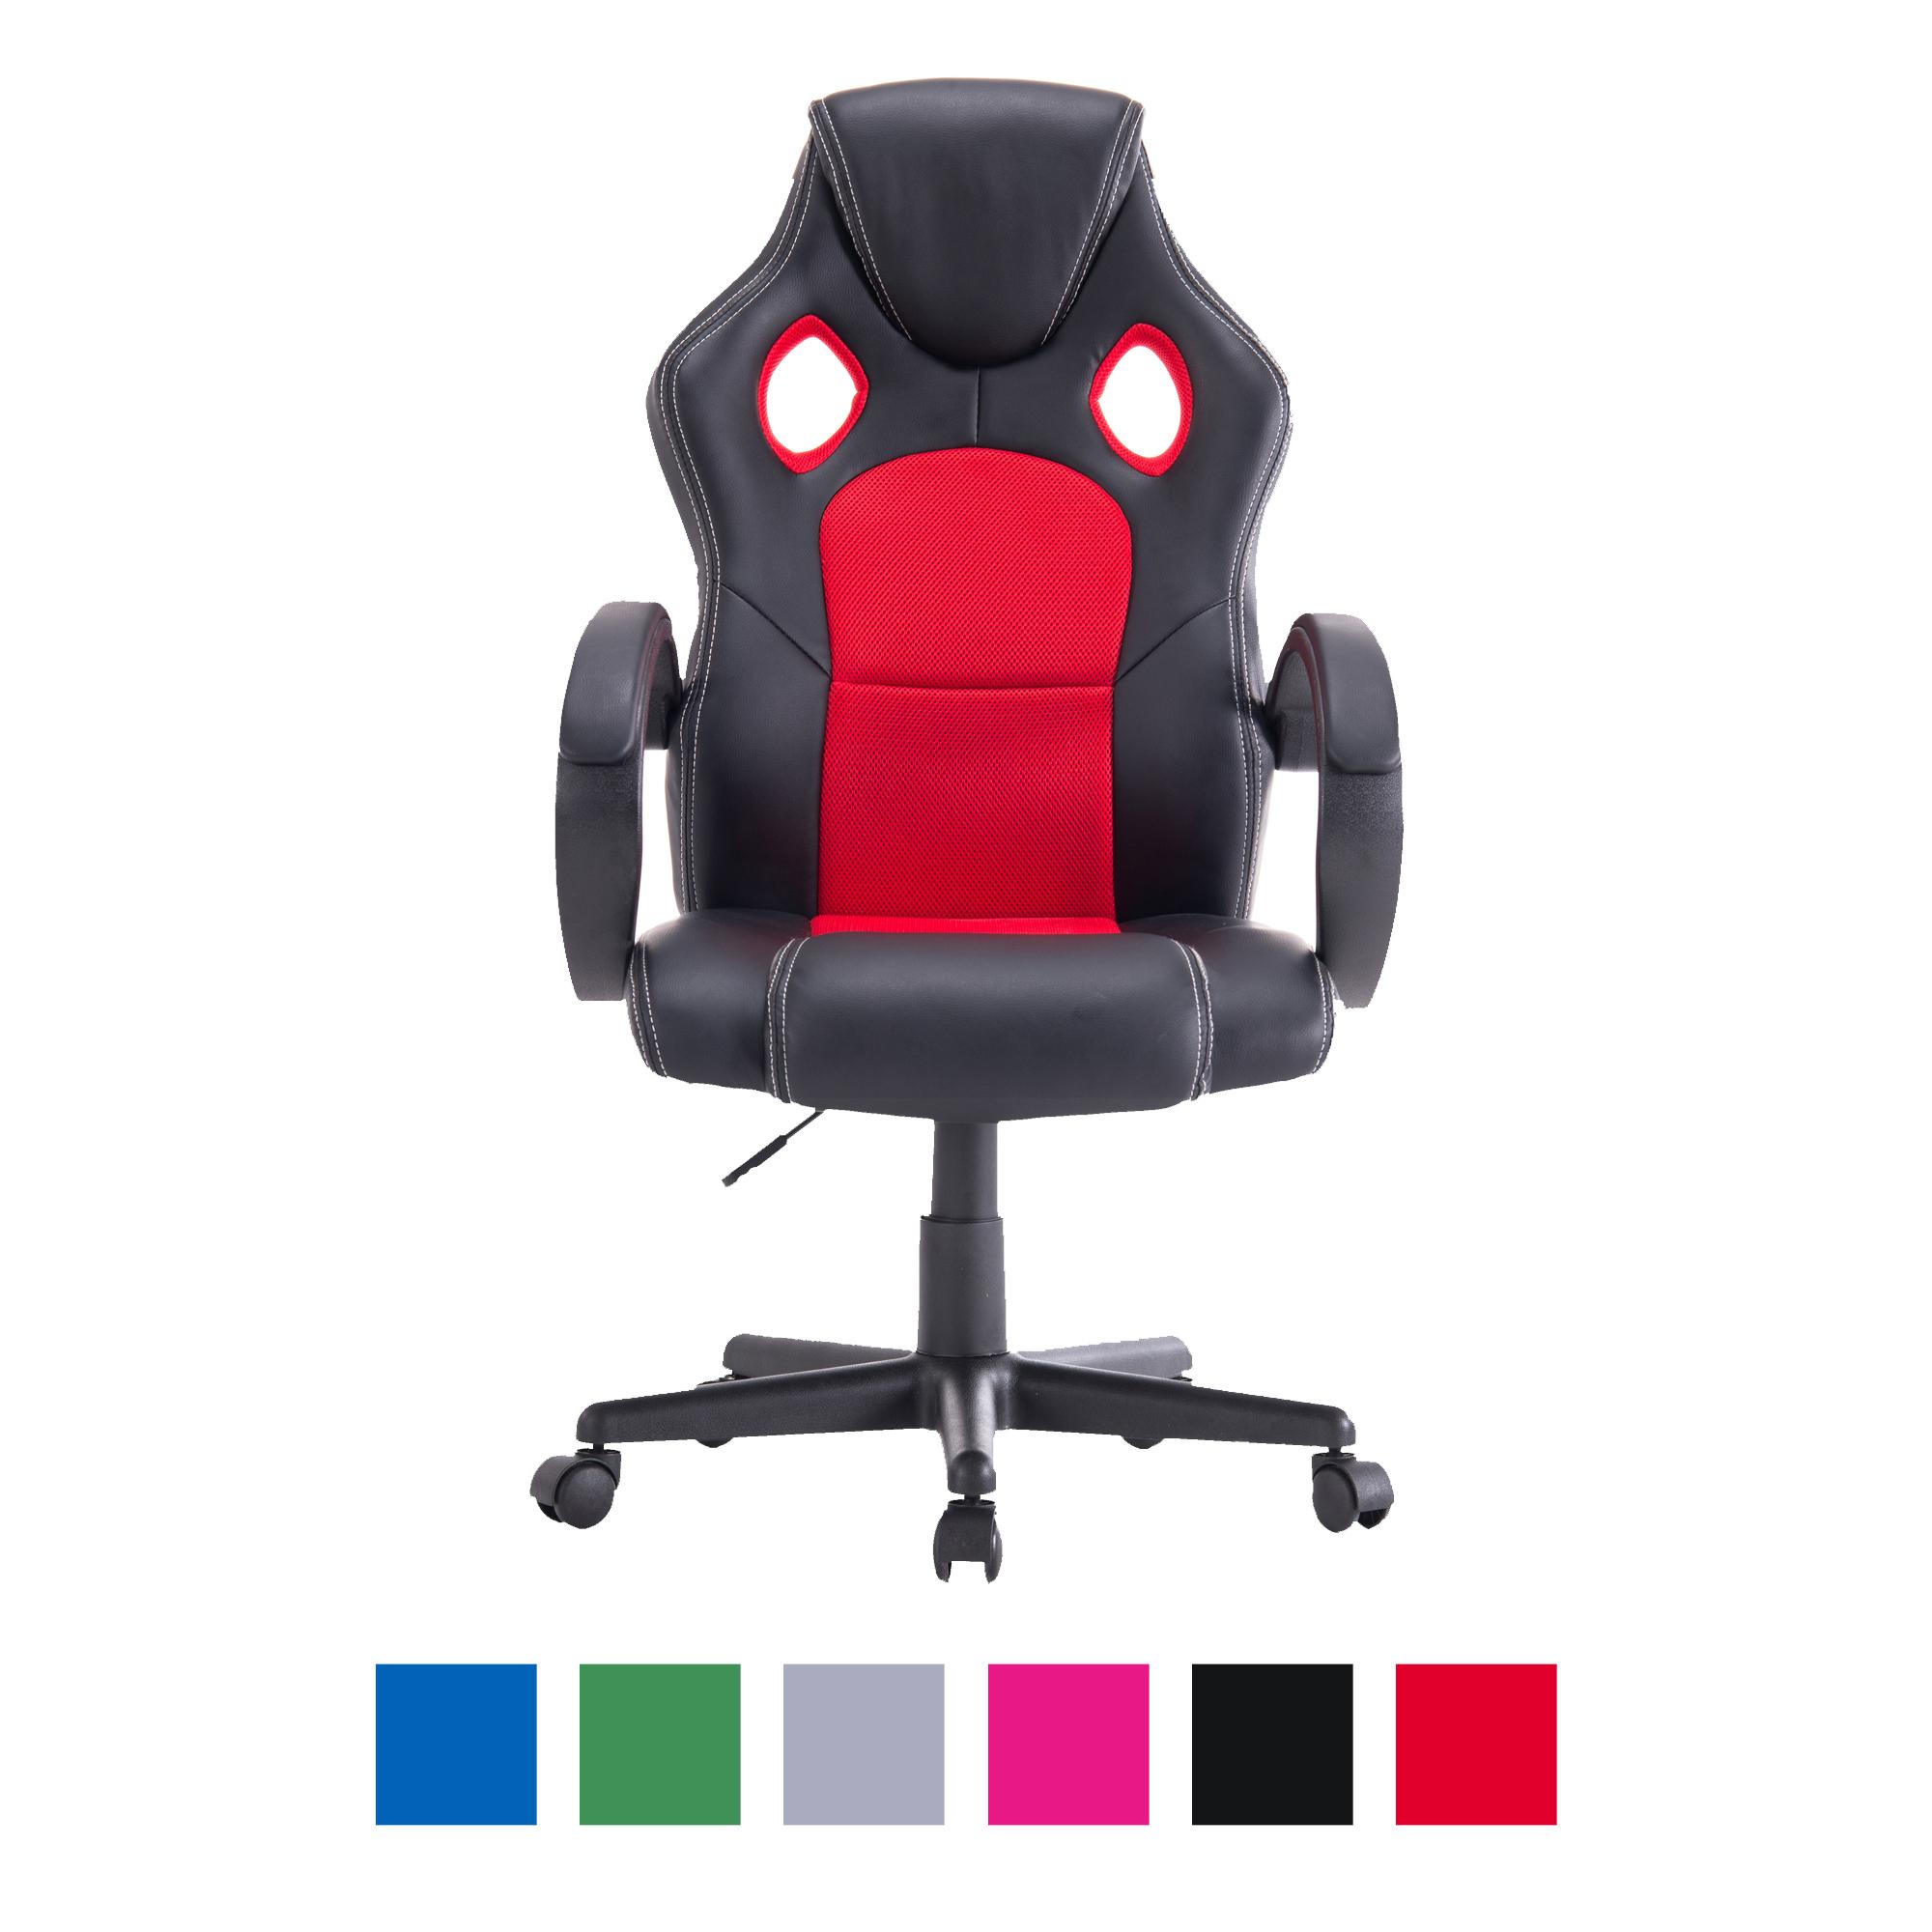 Stühle für Jugendzimmer günstig kaufen | eBay